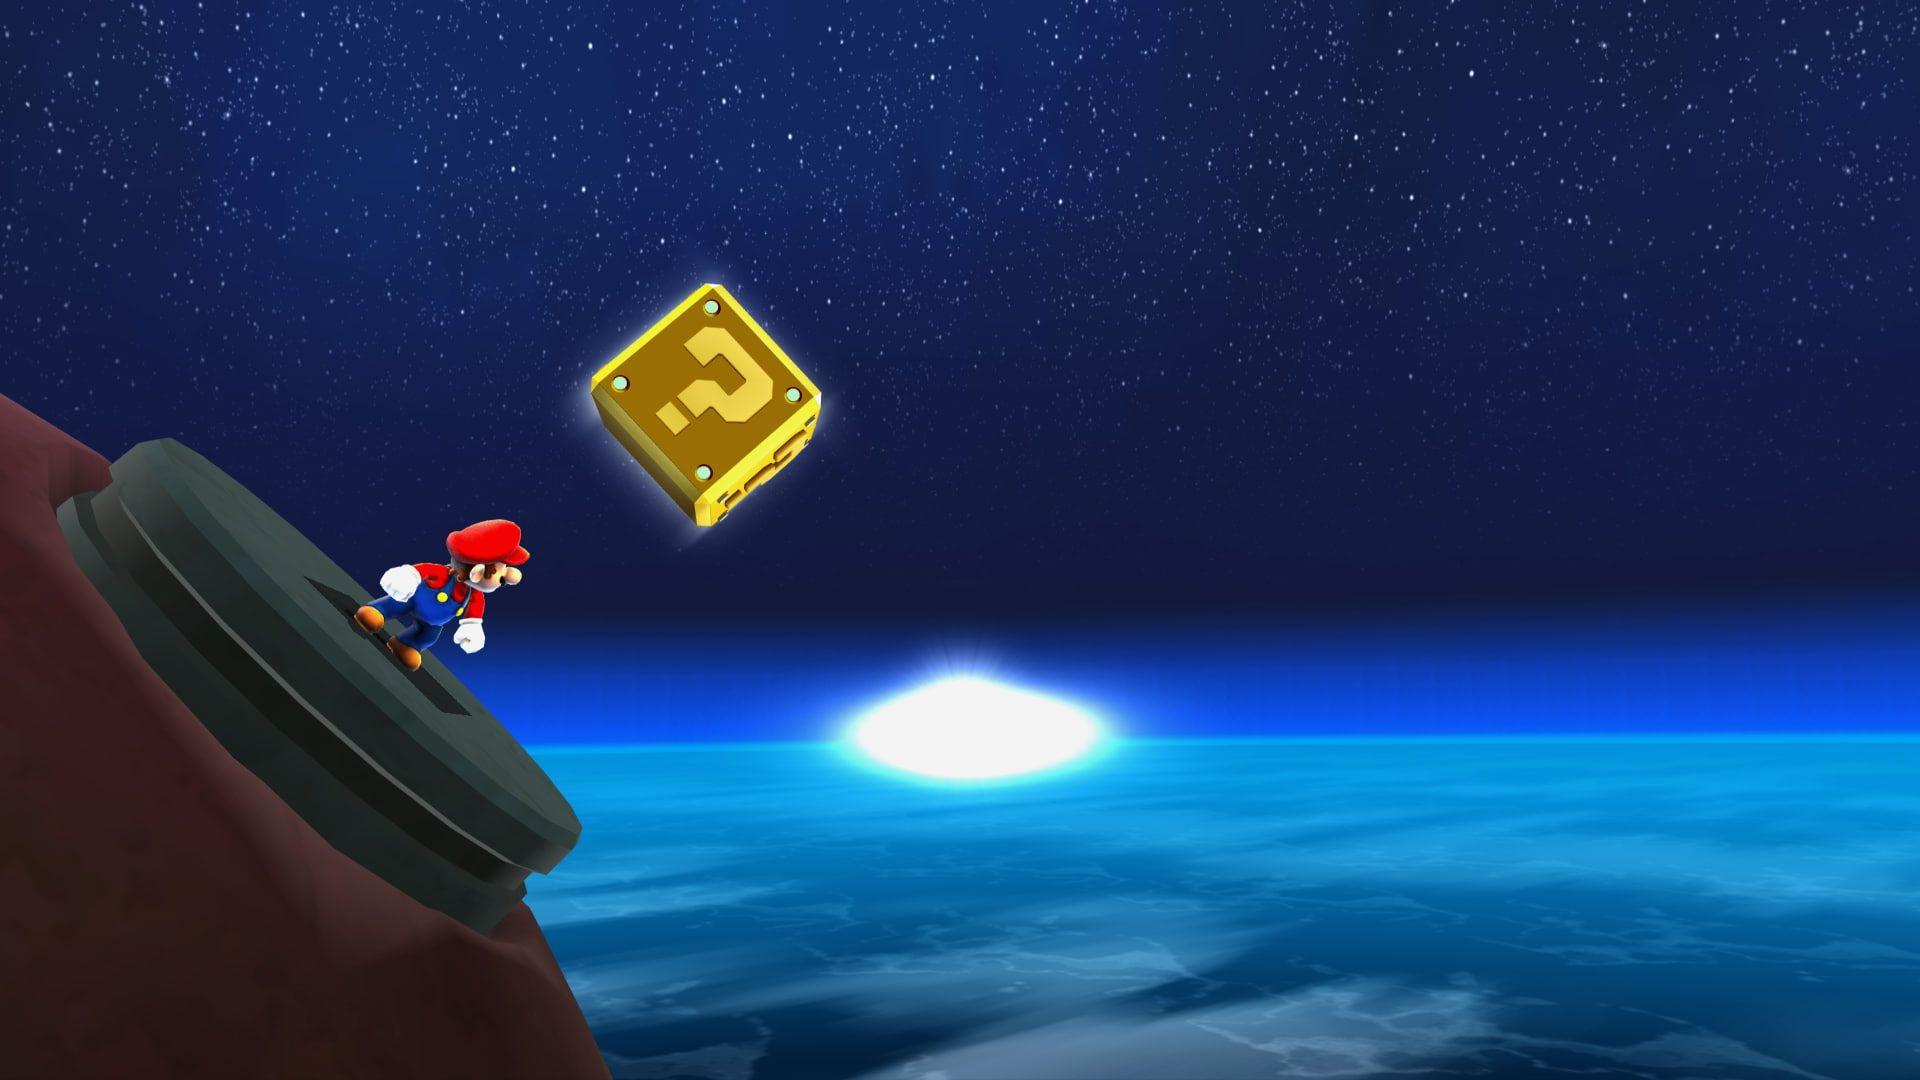 Super Mario, Galaxy, Space, Game super mario #galaxy #space #1080P #wallpaper #hdwallpaper #desktop